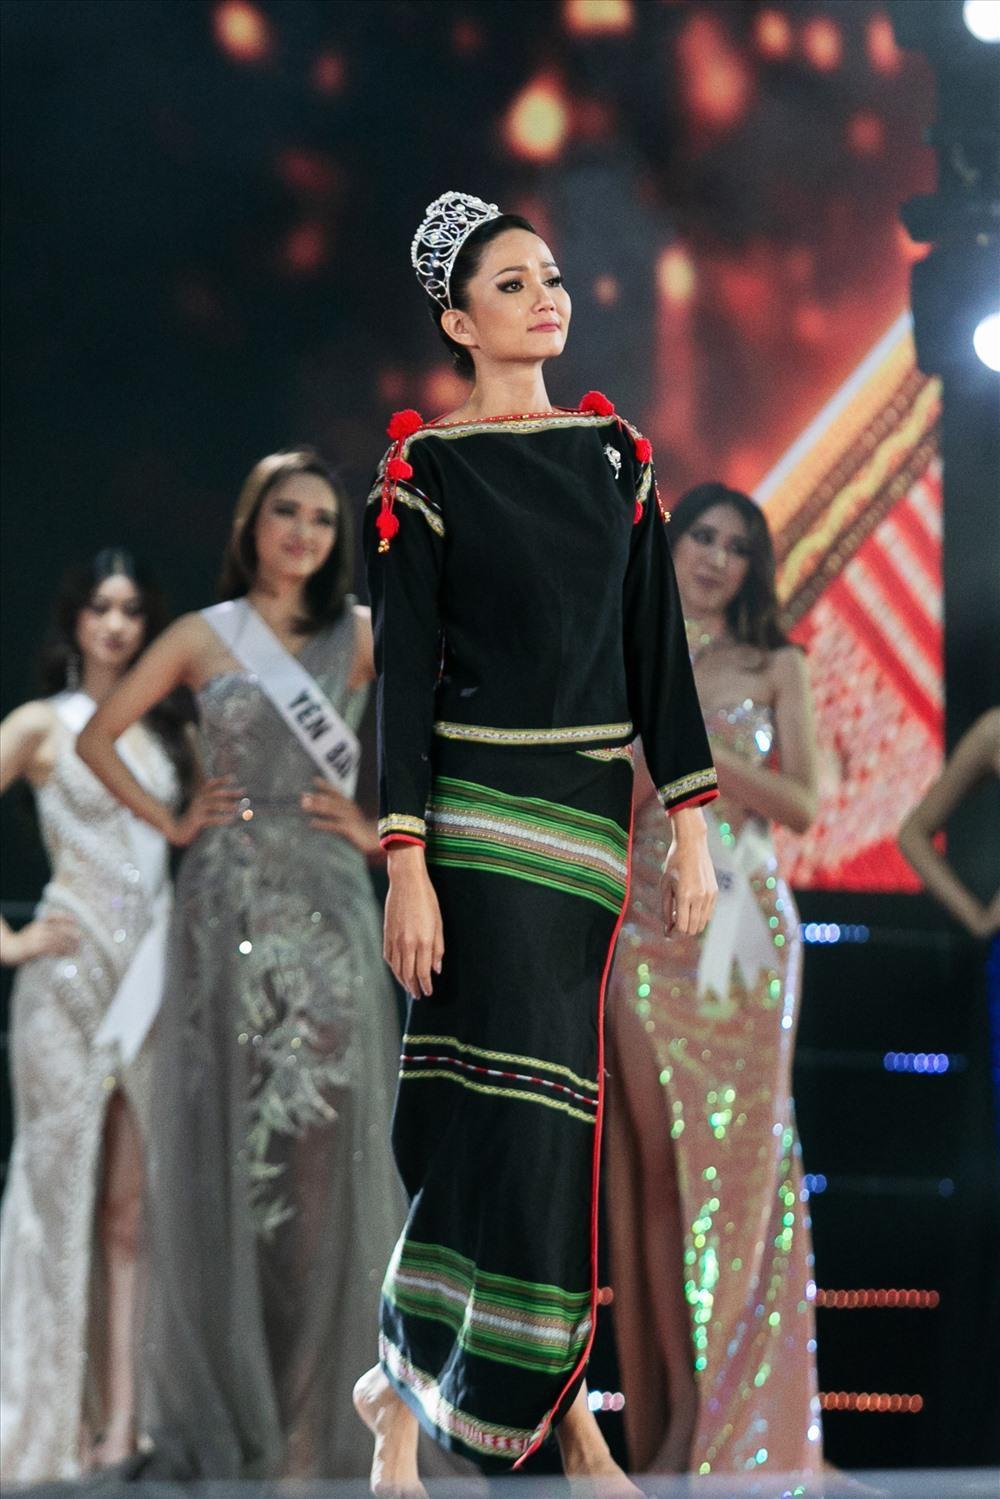 Final walk đẫm nước mắt của Hoa hậu Việt, H'Hen Niê làm fan quốc tế chao đảo Ảnh 9